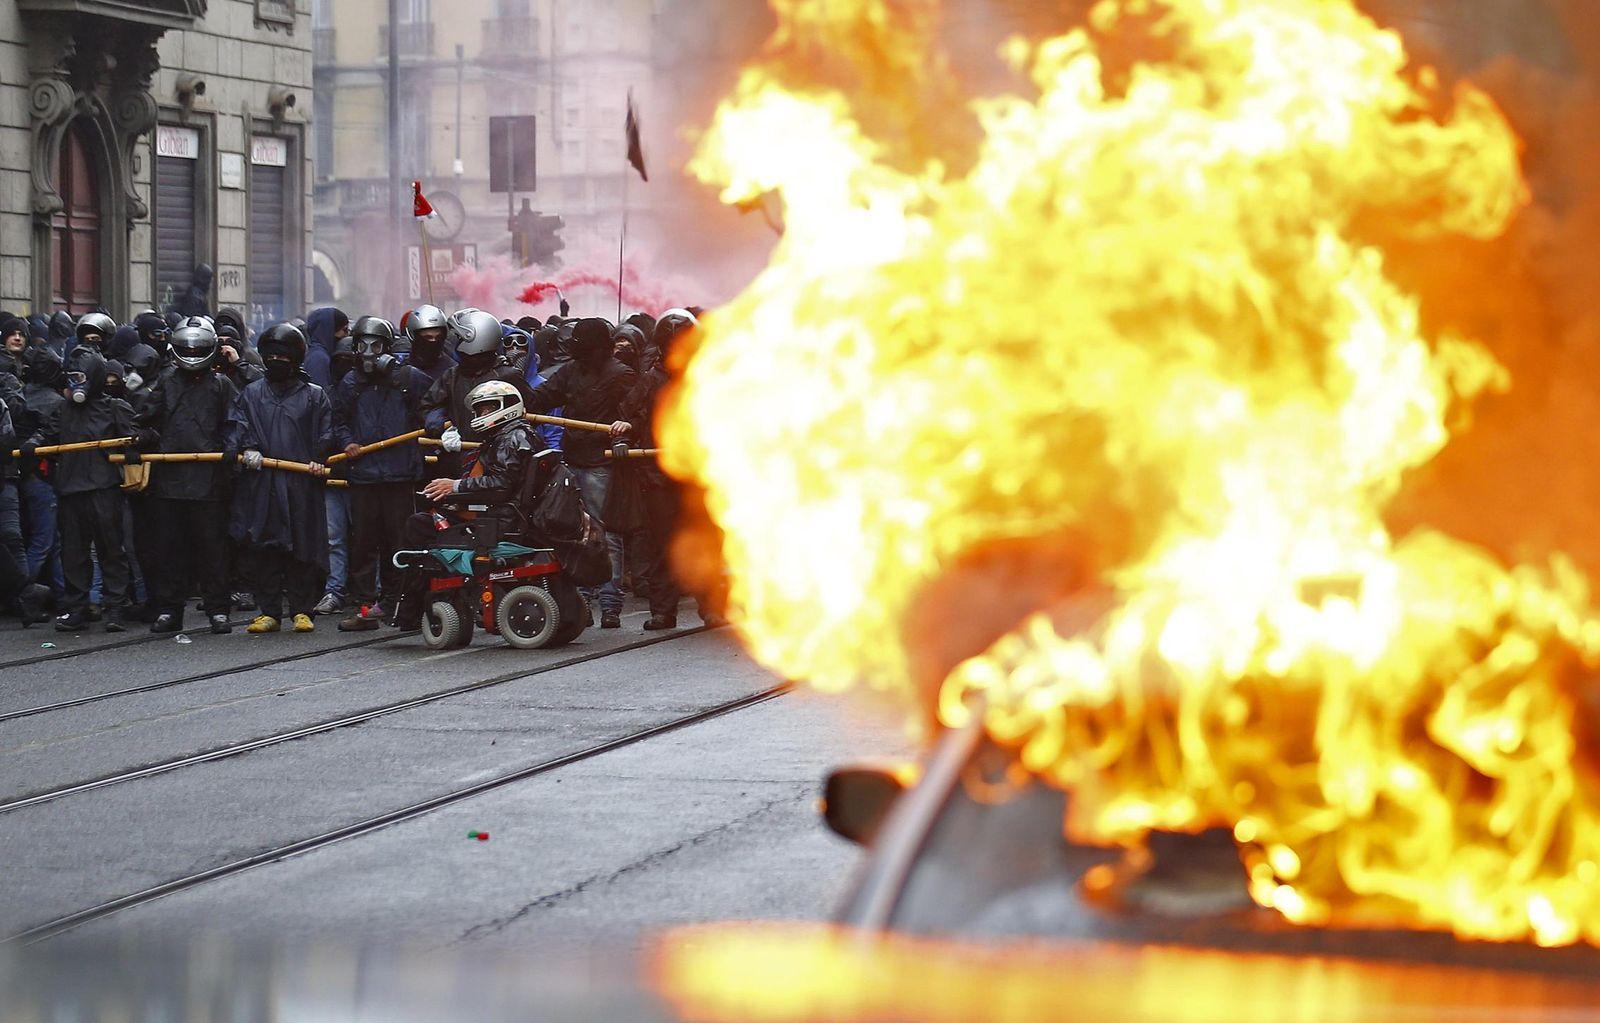 Foto: Un coche arde ante un ingente cordón policial en Milán (Reuters).